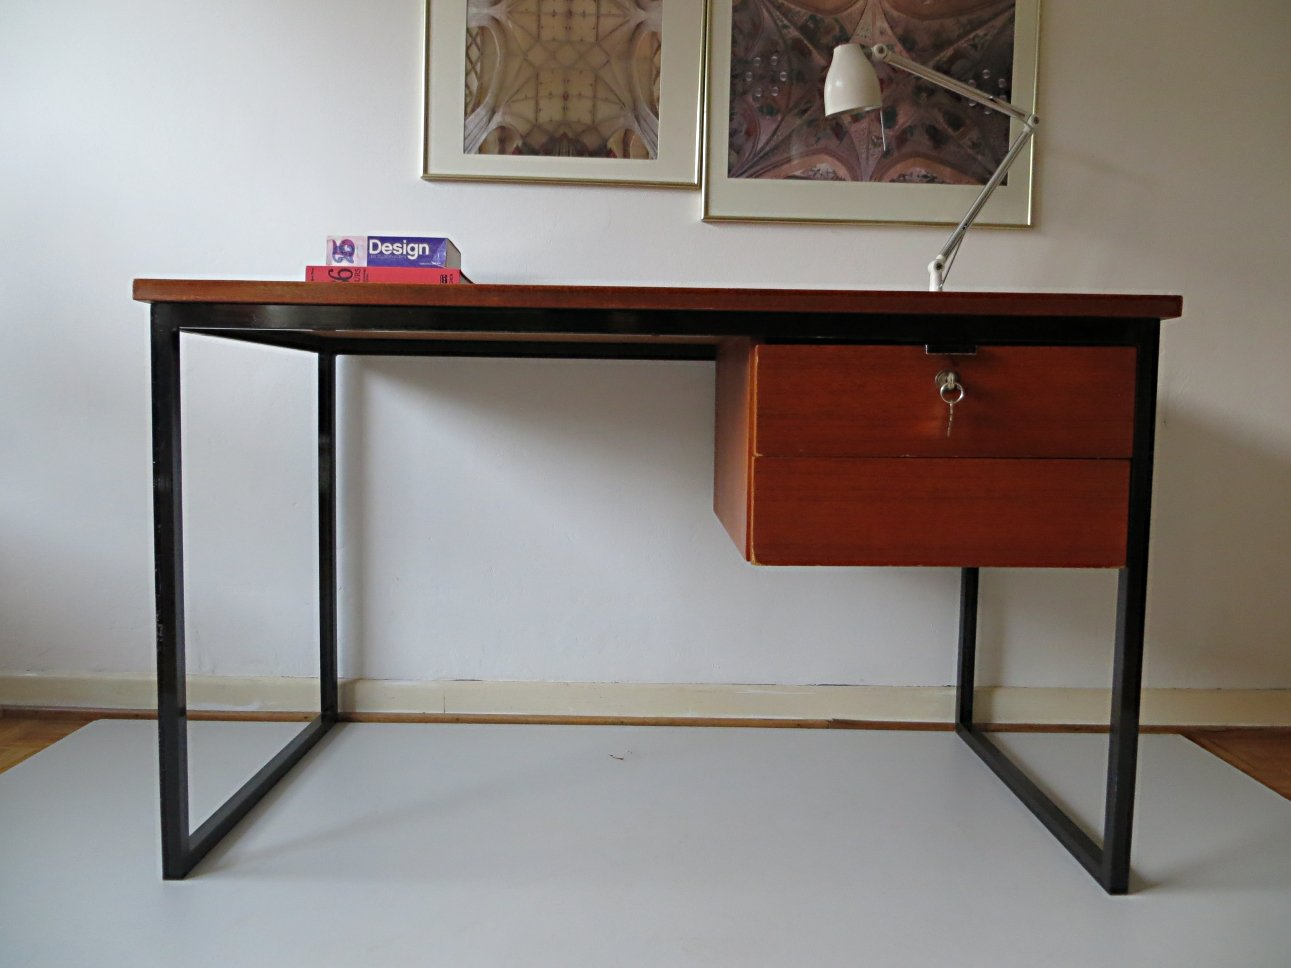 Schreibtisch designklassiker  Skandinavischer Minimalistischer Schreibtisch, 1960er bei Pamono ...